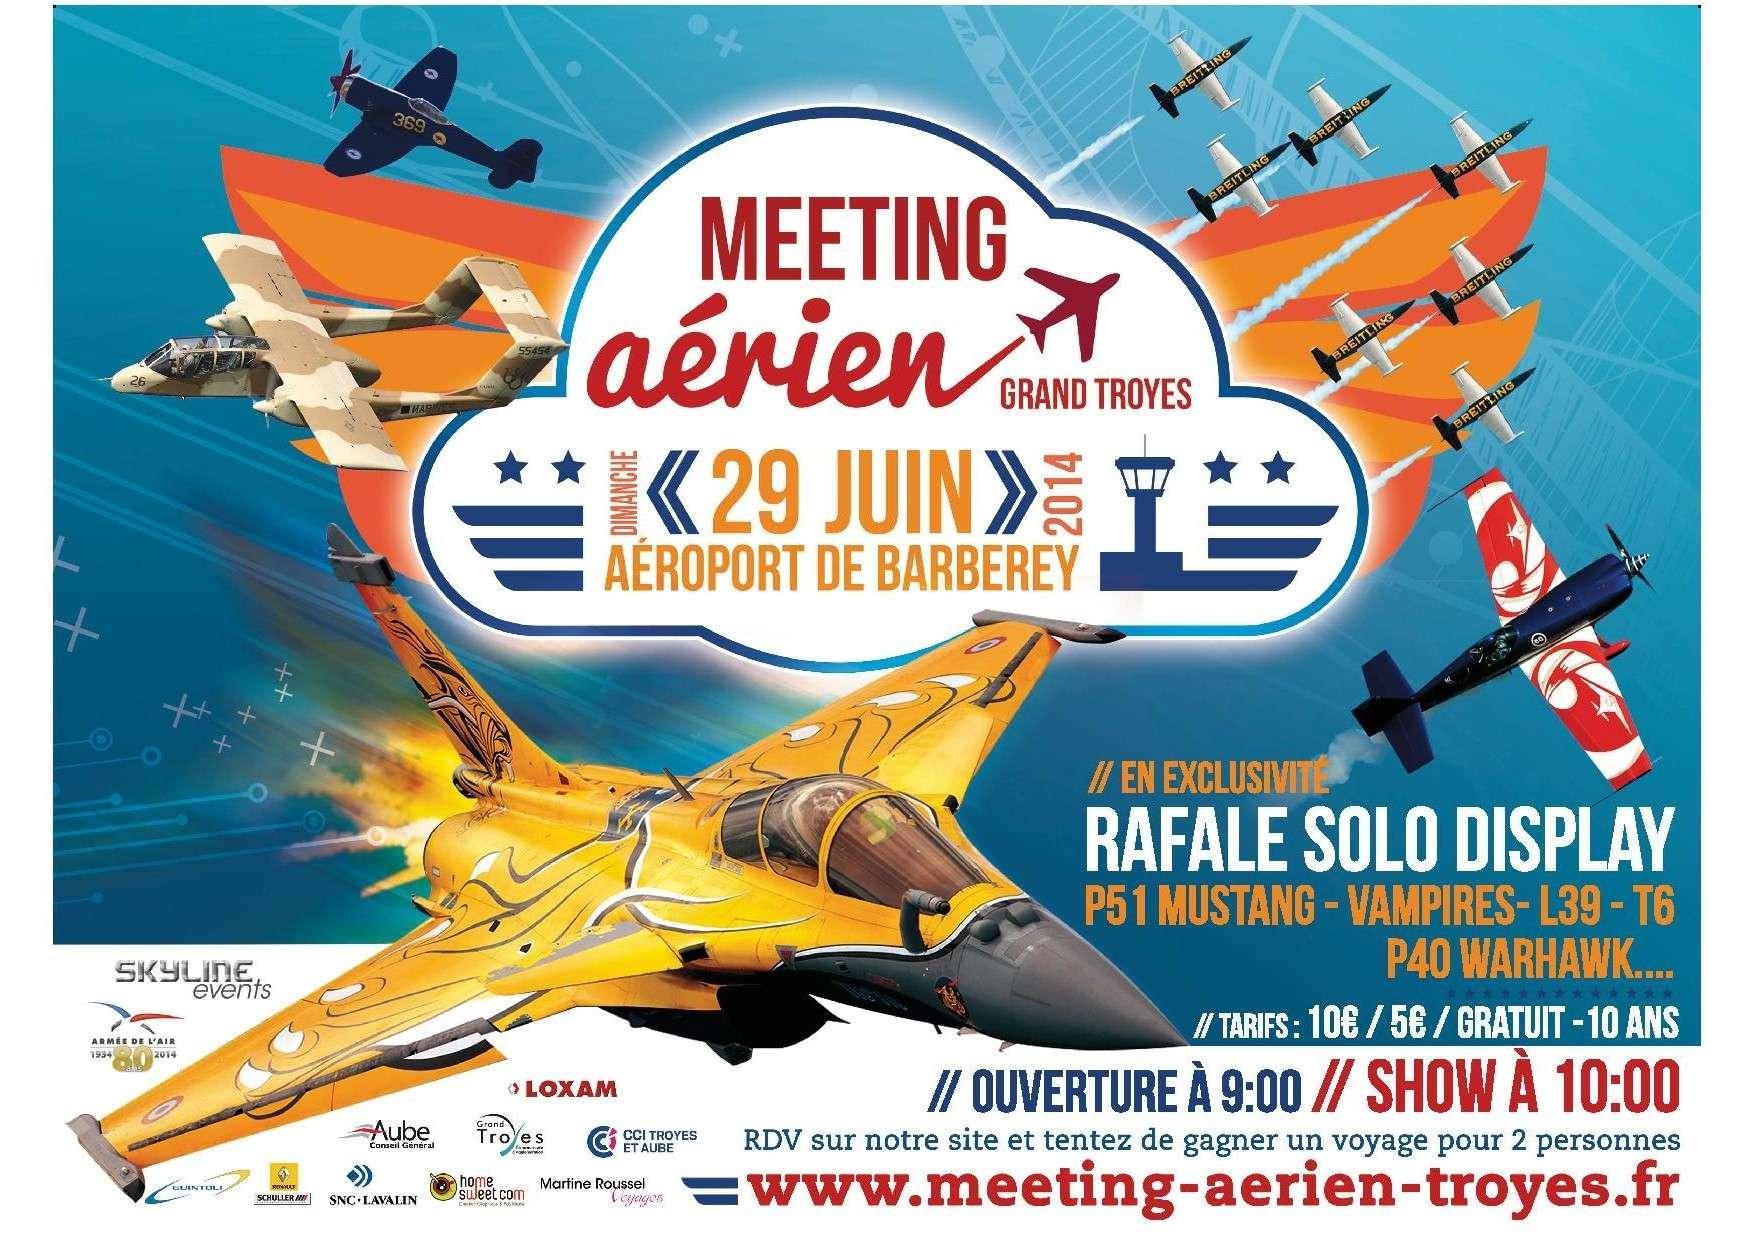 Meeting Aerien du Grand Troyes 2014,Skyline Events 2014, Aeroport de Troyes-Barberey ,Meeting Aerien 2014,Manifestation Aerienne 2014,www.meeting-aerien-troyes.fr